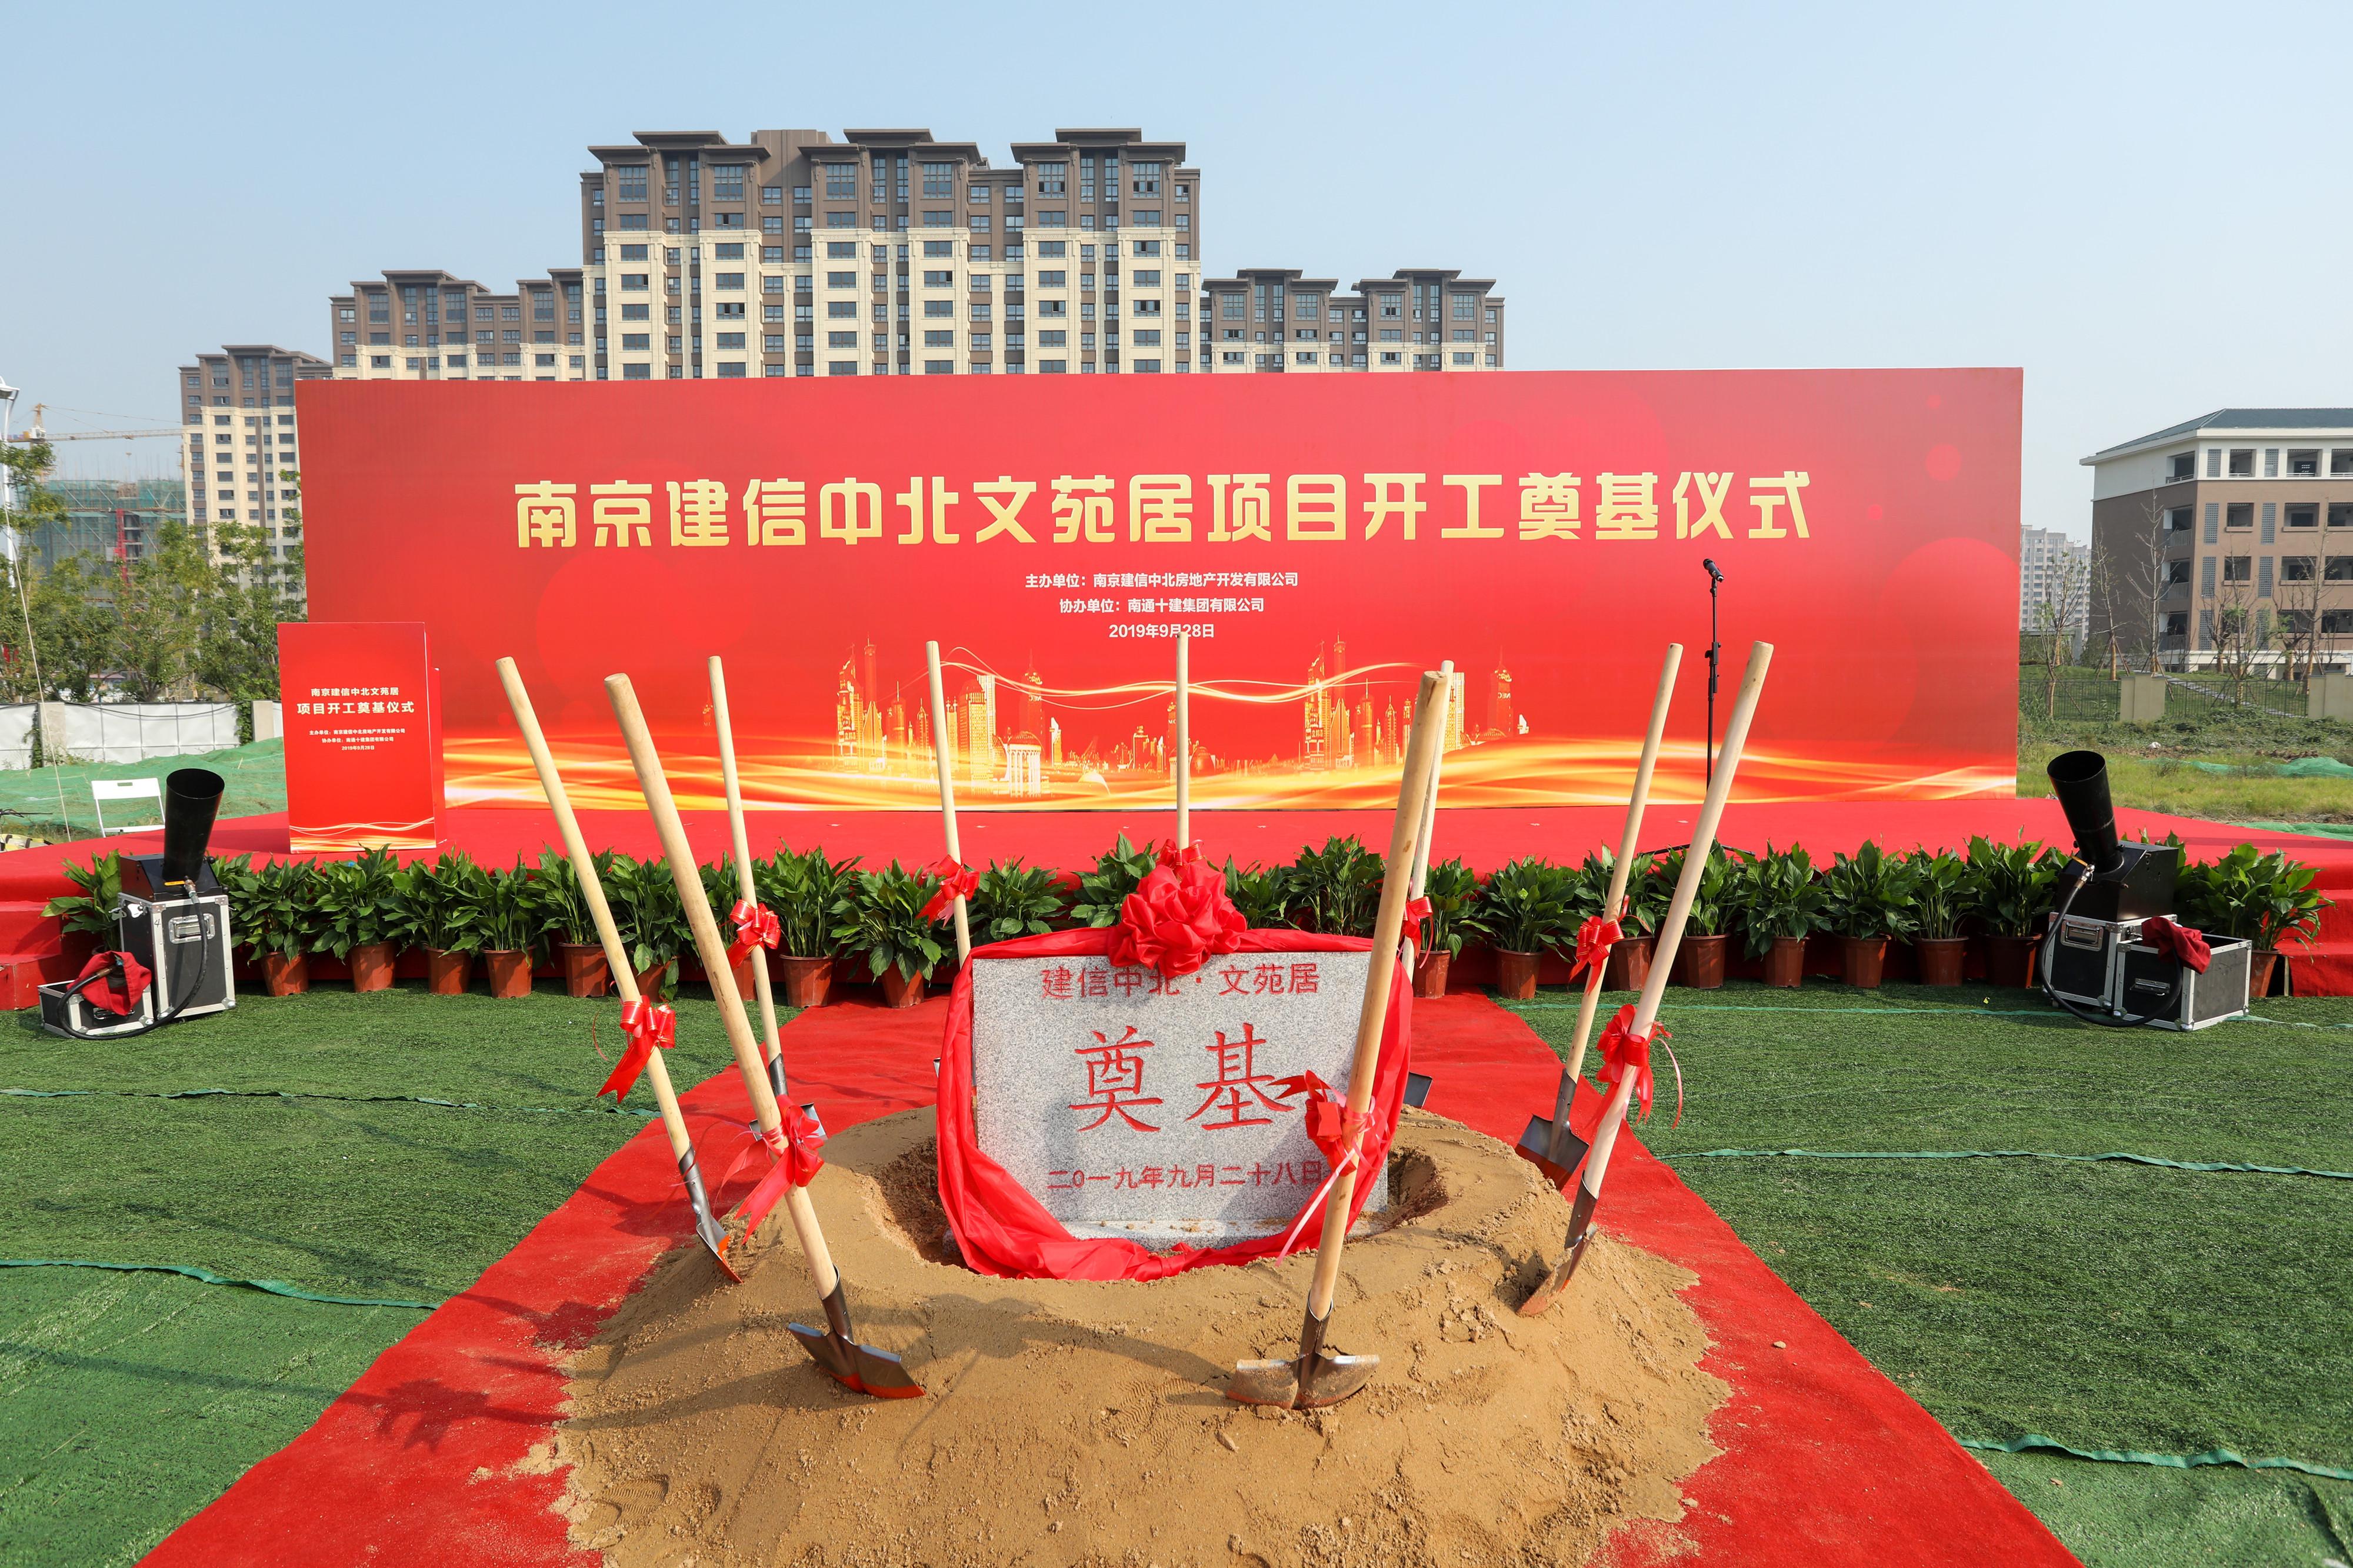 我公司承建的南京中北文苑居項目順利開工